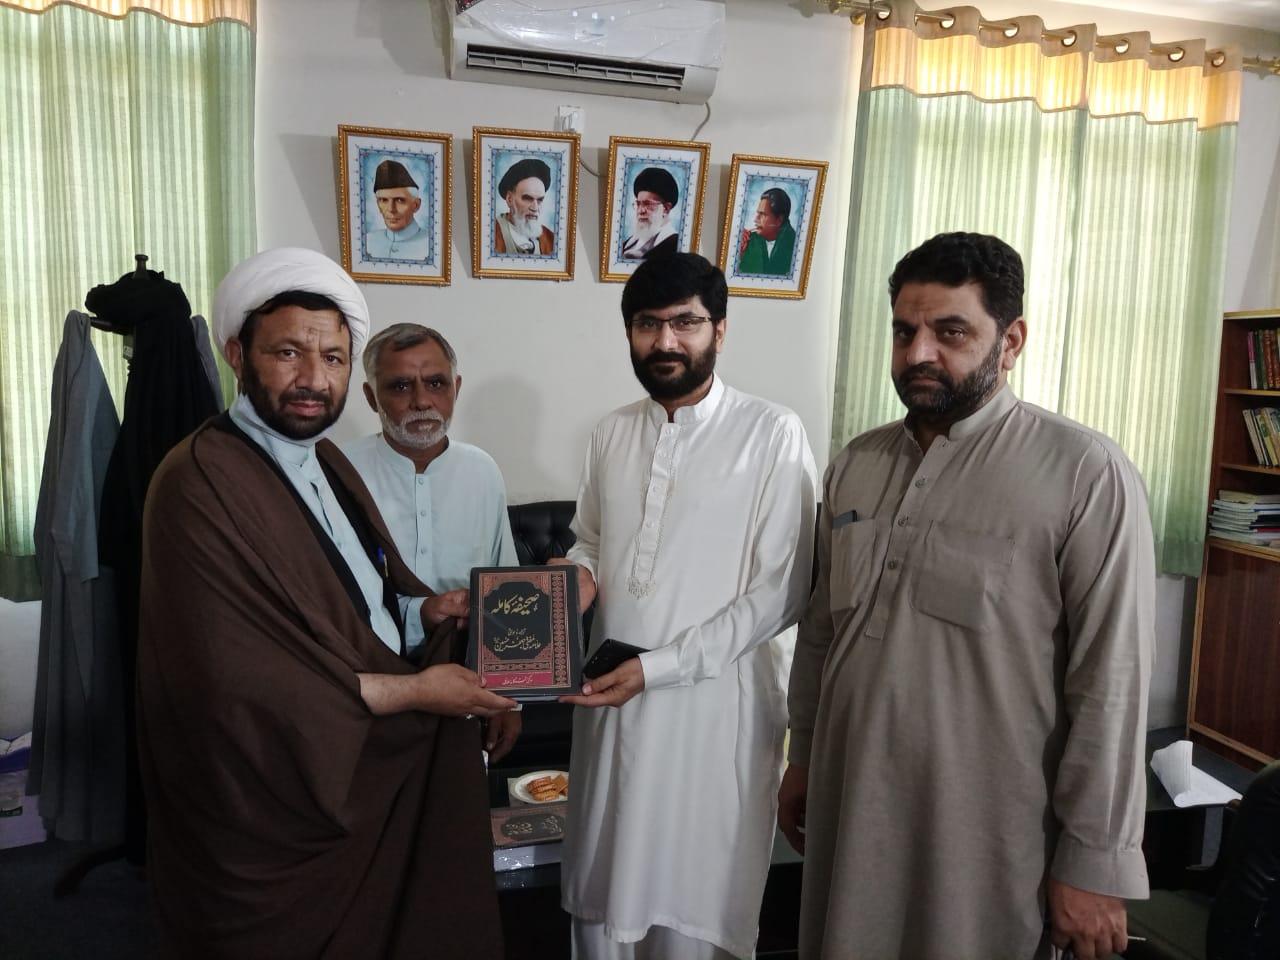 جناب عون ساجد نقوی کو نہج البلاغہ اور صحیفہ ساجدیہ پیش کی گئی